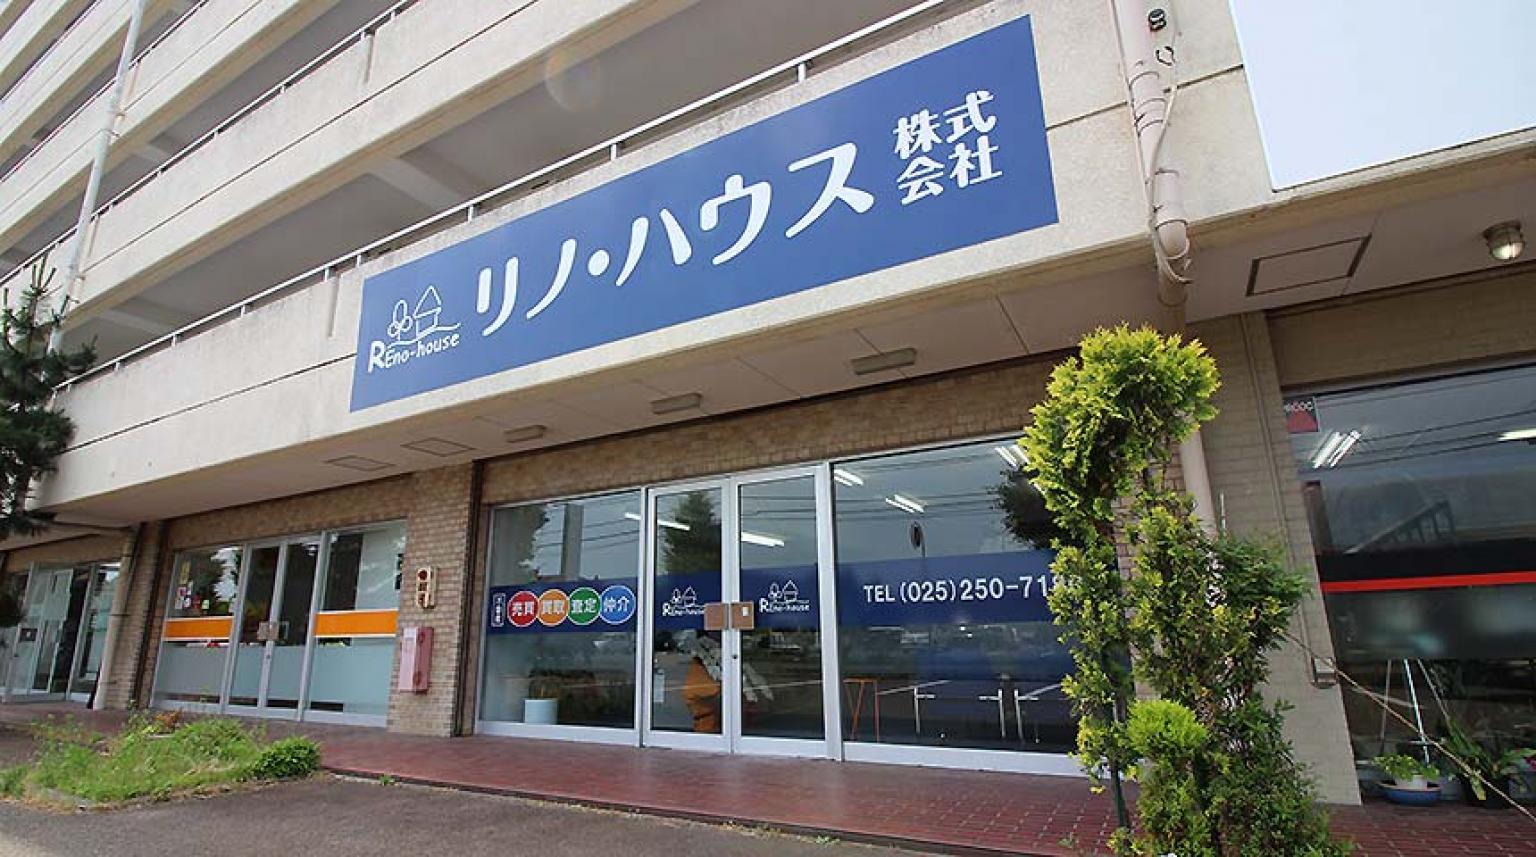 リノ・ハウス株式会社